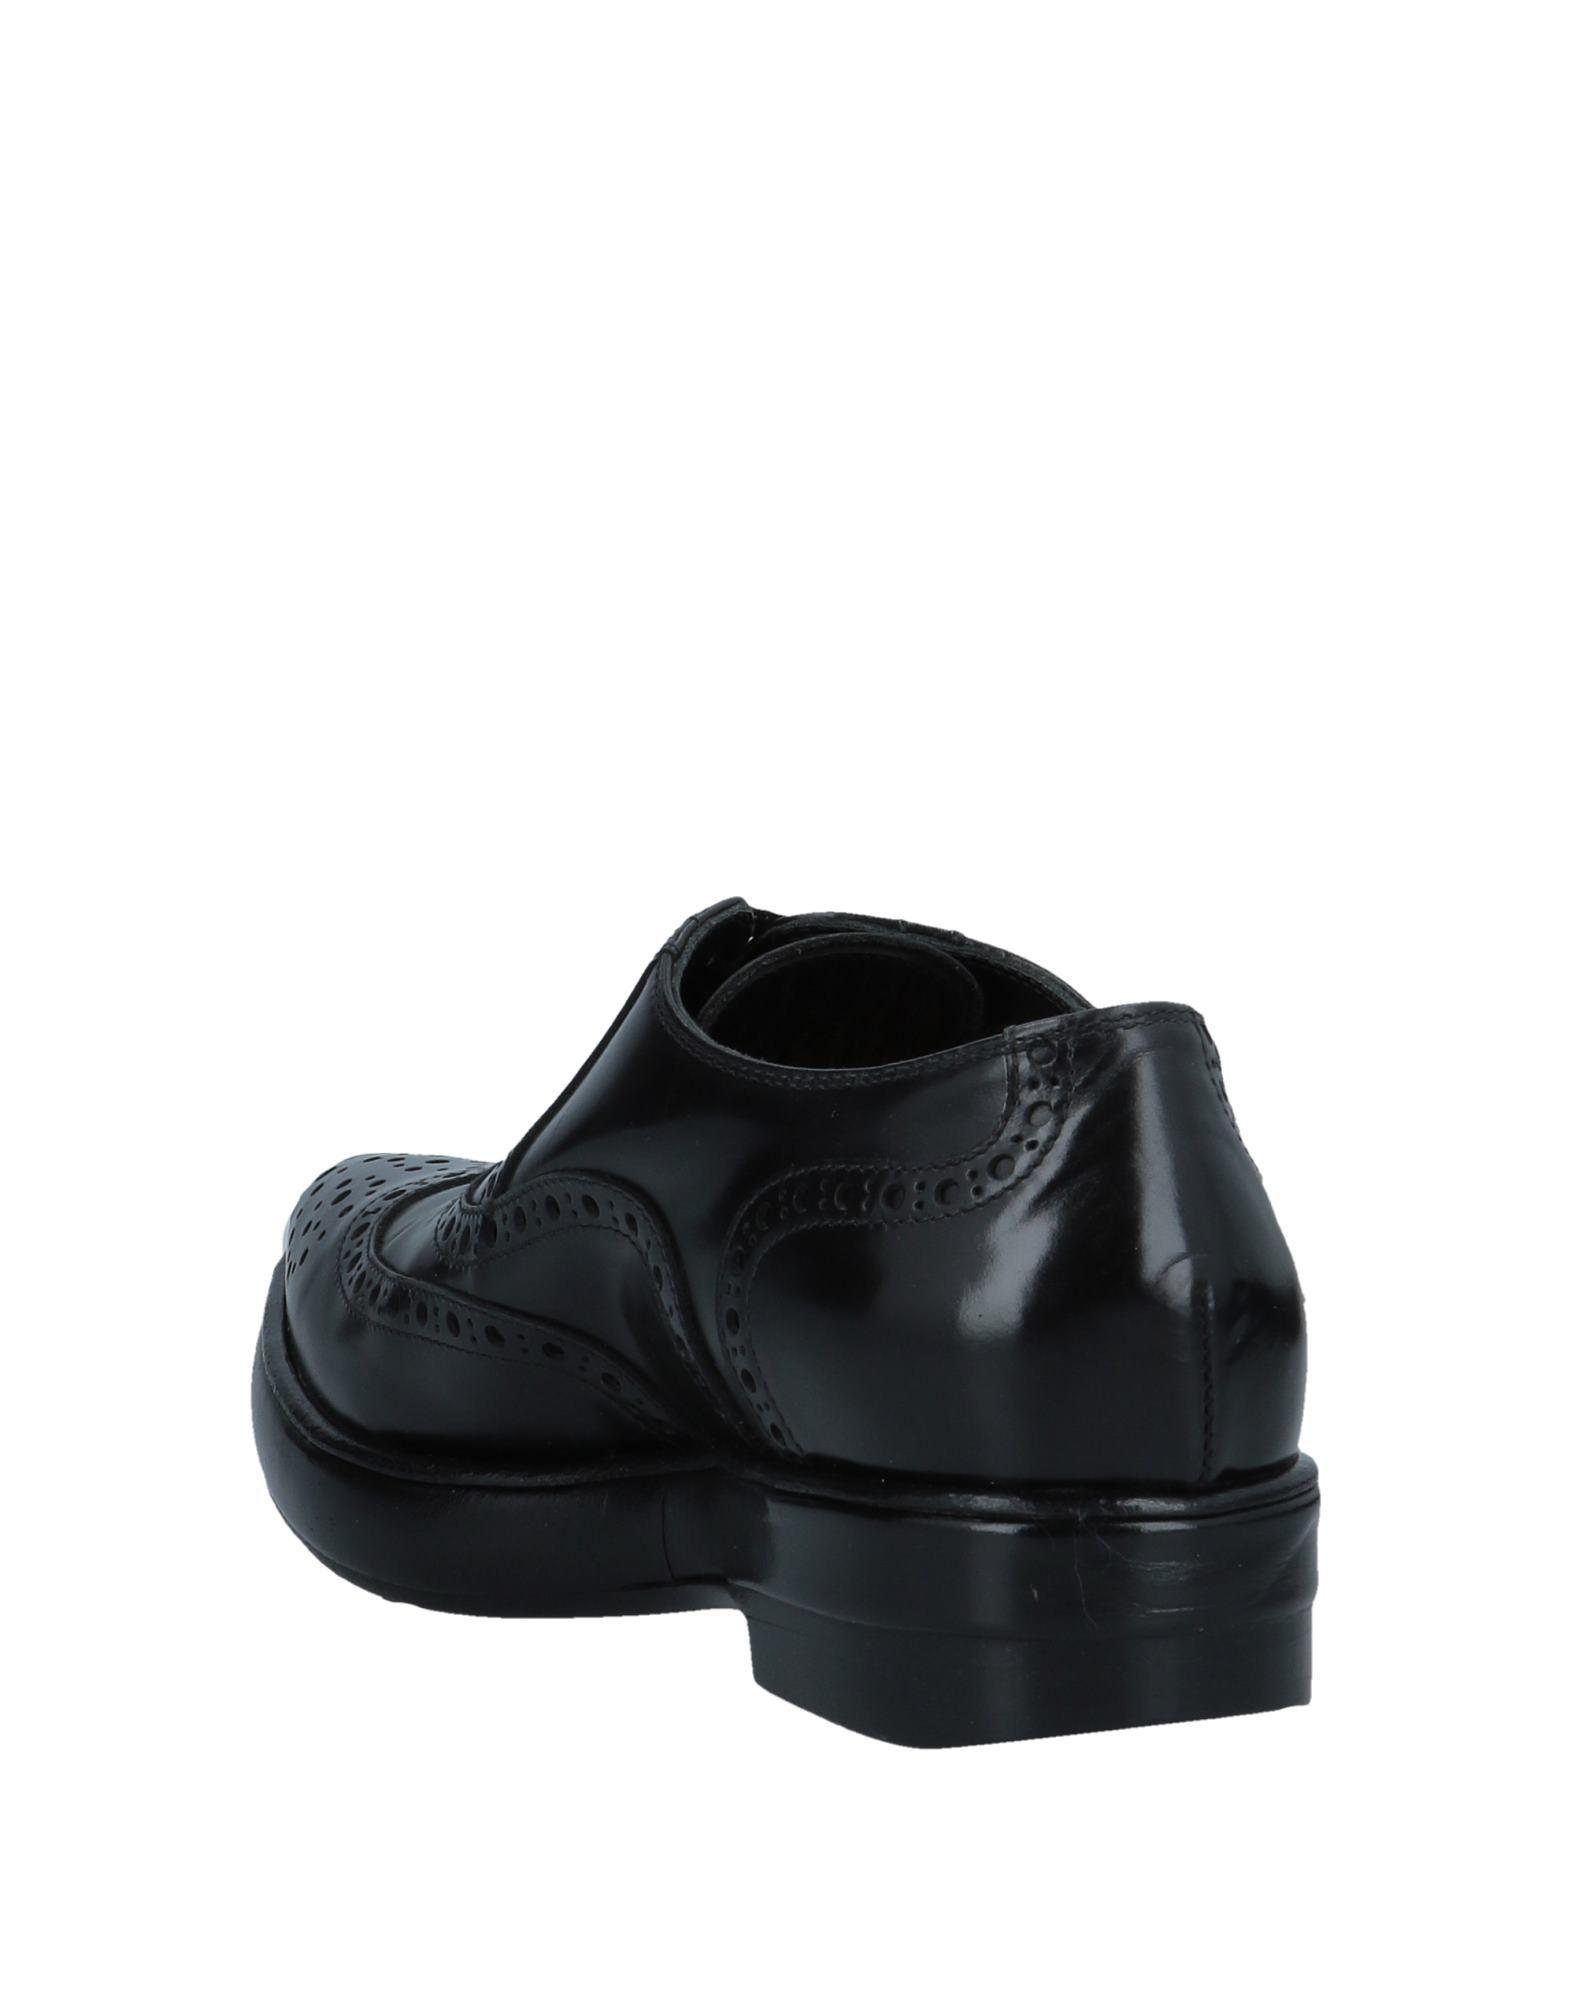 Rabatt Schuhe  Rocco P. Schnürschuhe Damen  Schuhe 11553751OS a5d6ef